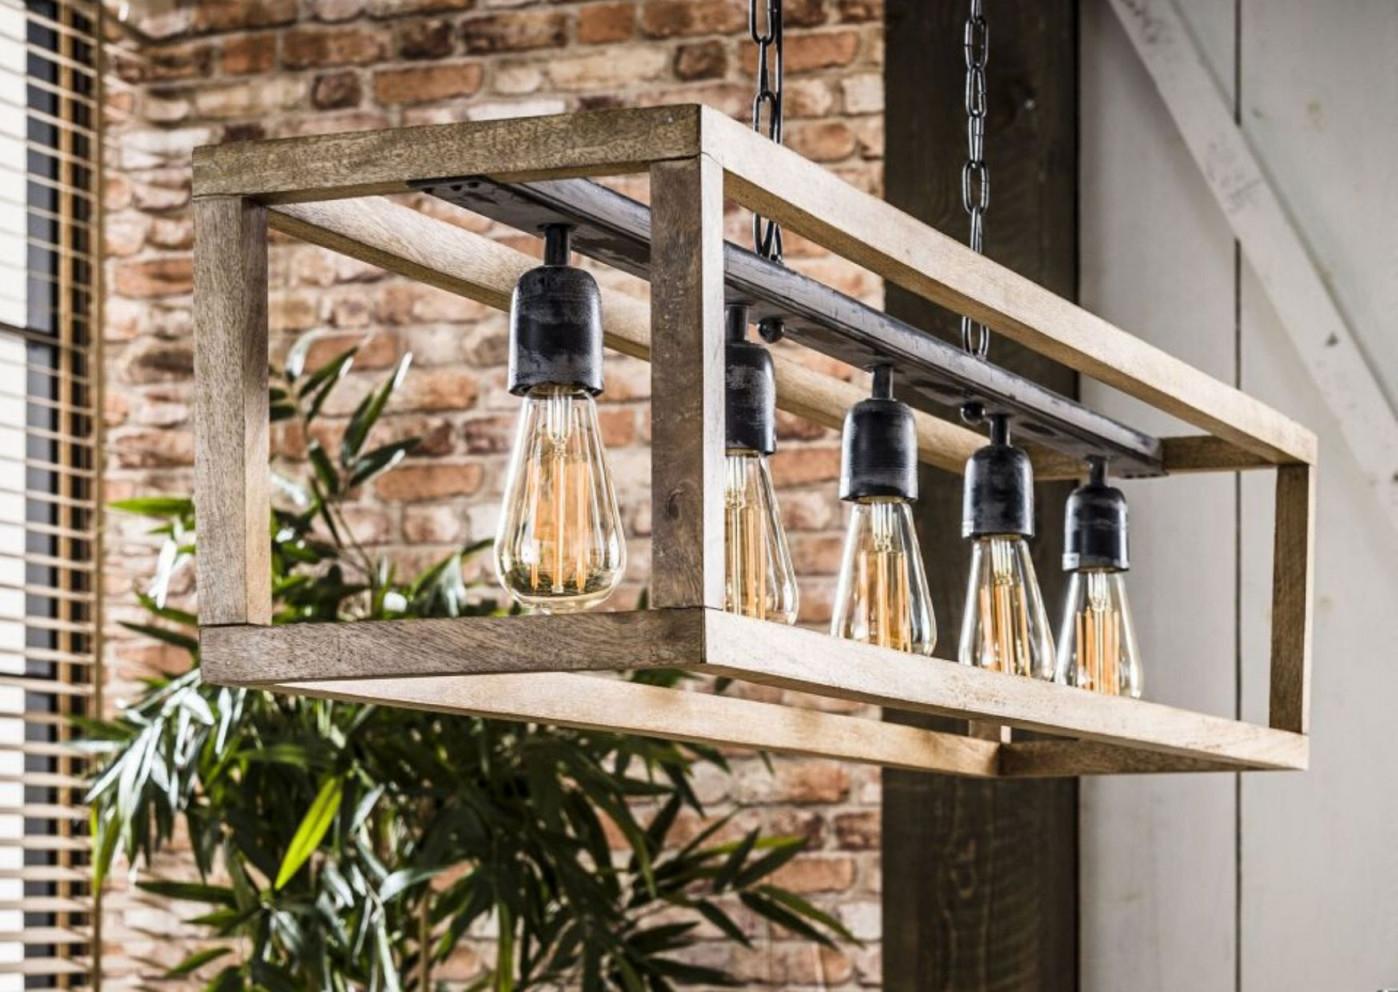 Stehlampe Holz Rustikal Selber Bauen – Caseconrad von Wohnzimmer Lampe Holzbalken Photo